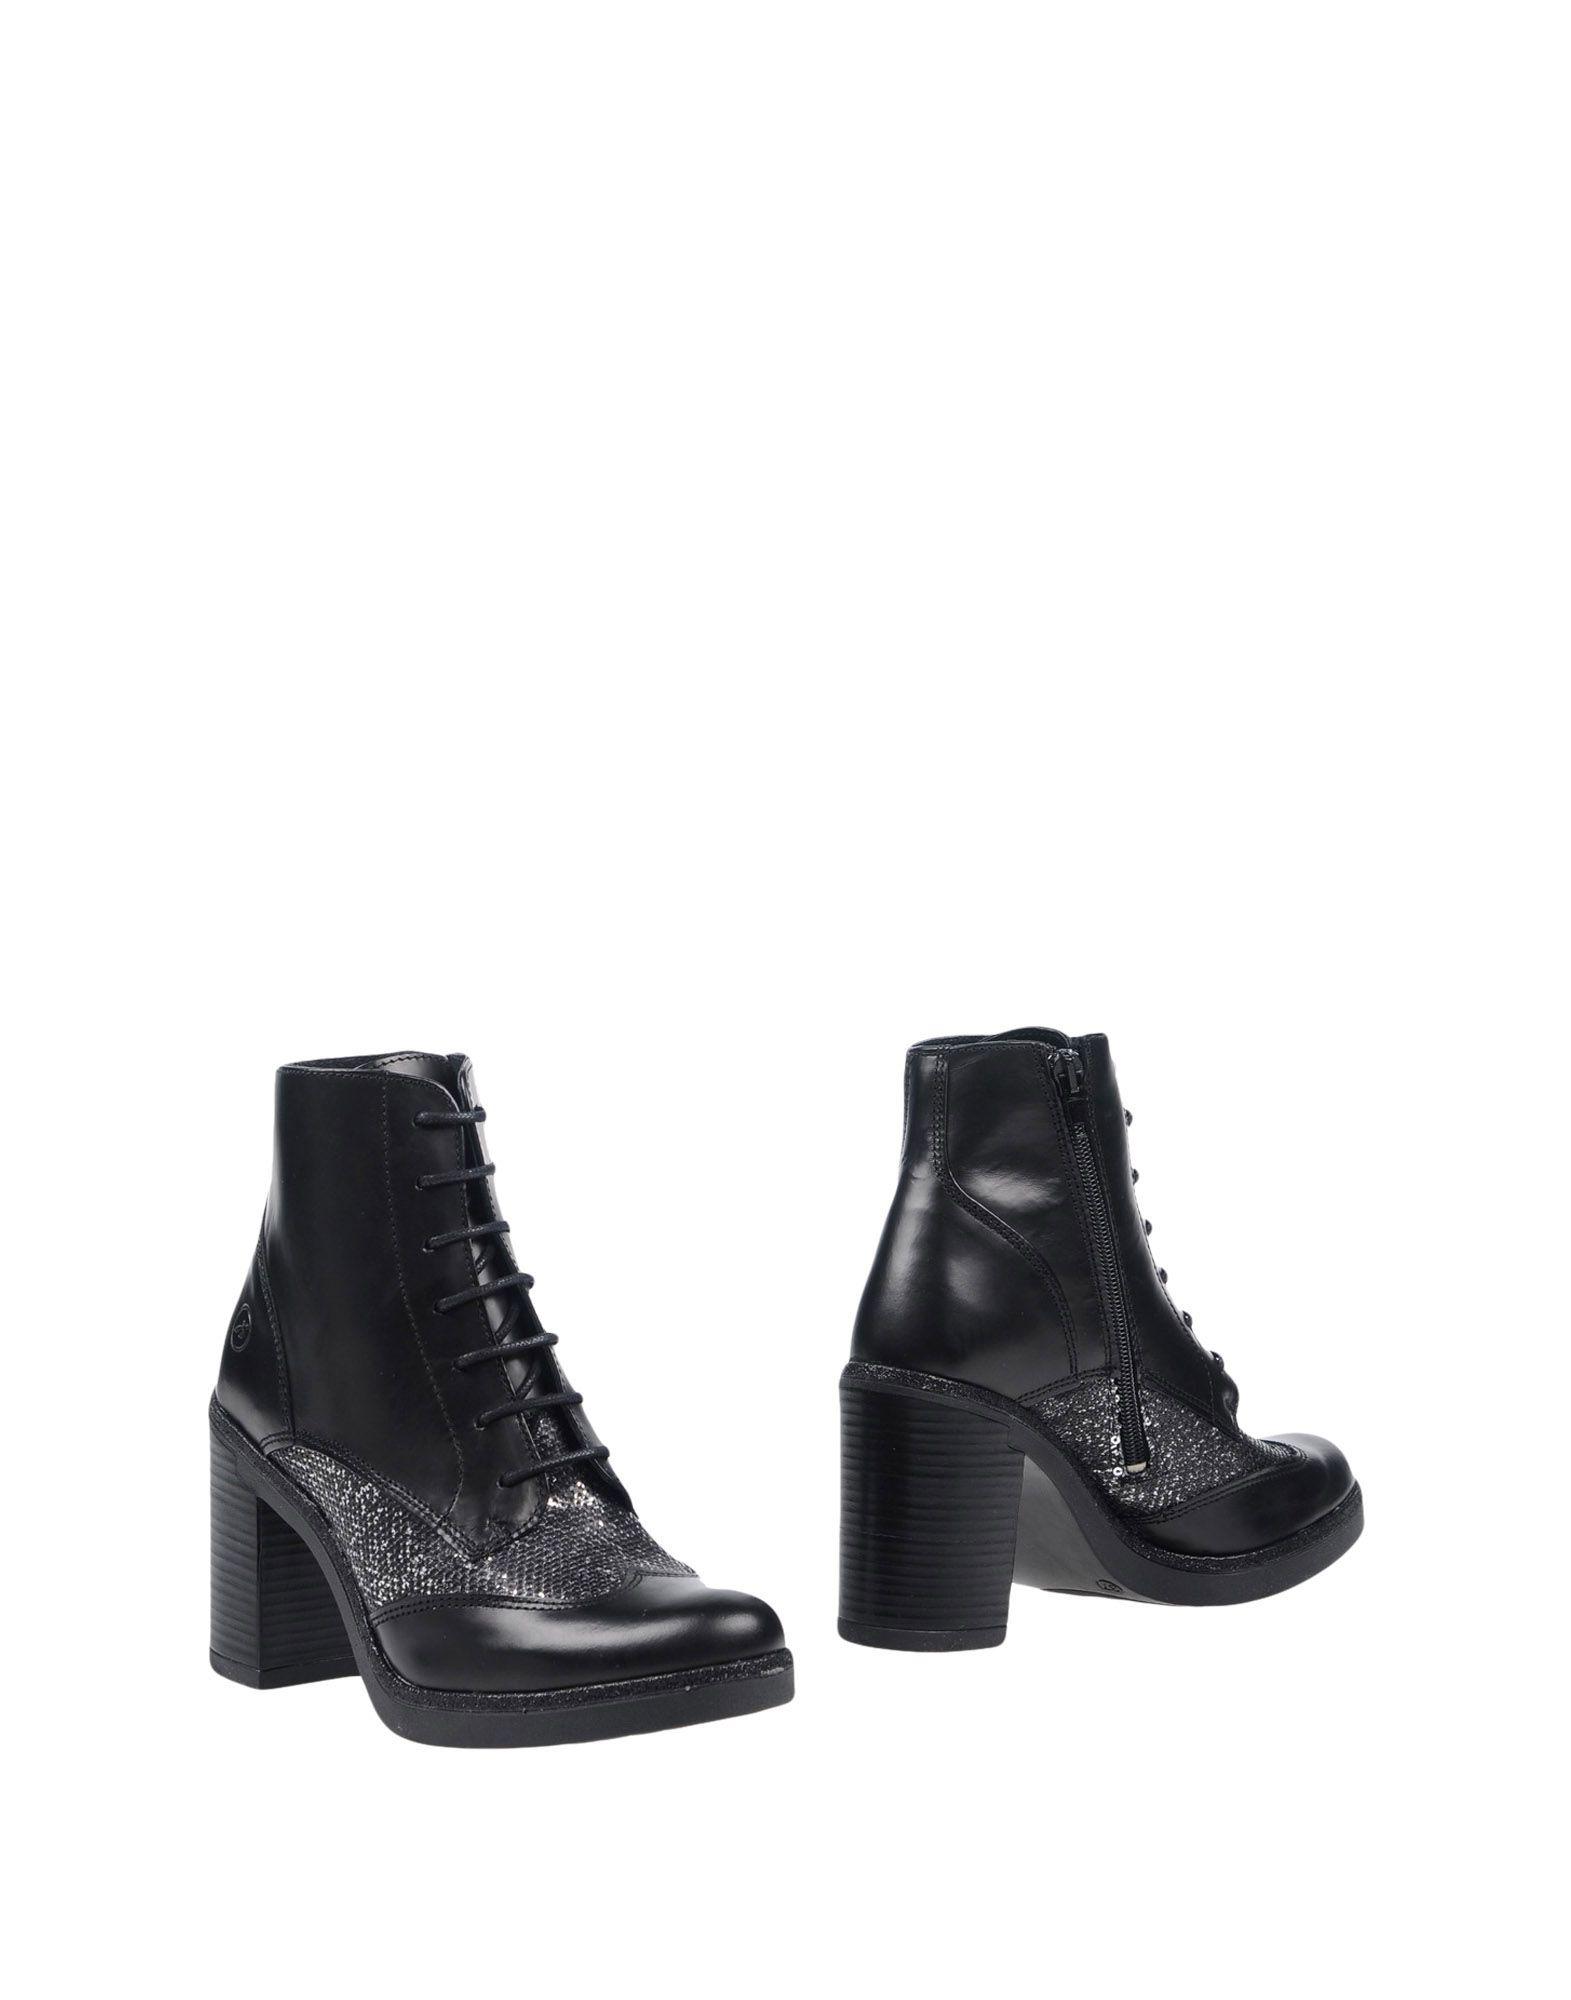 Bottine Bronx Femme - Bottines Bronx Noir Meilleur modèle de vente